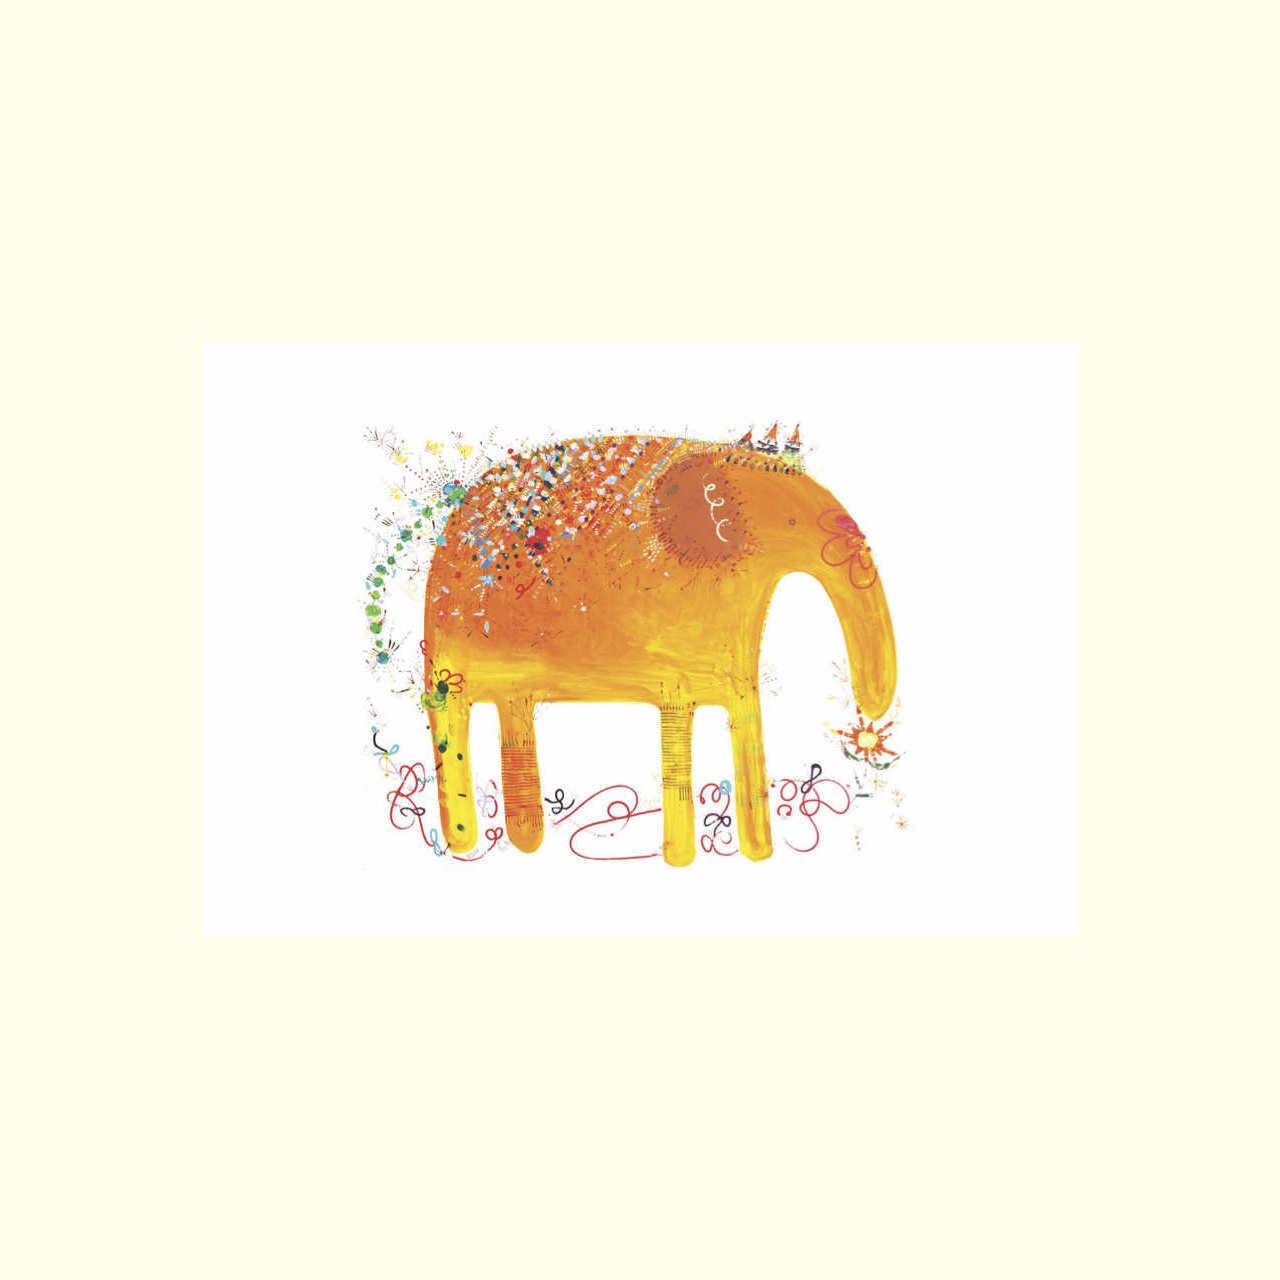 ゾウさんポストカード